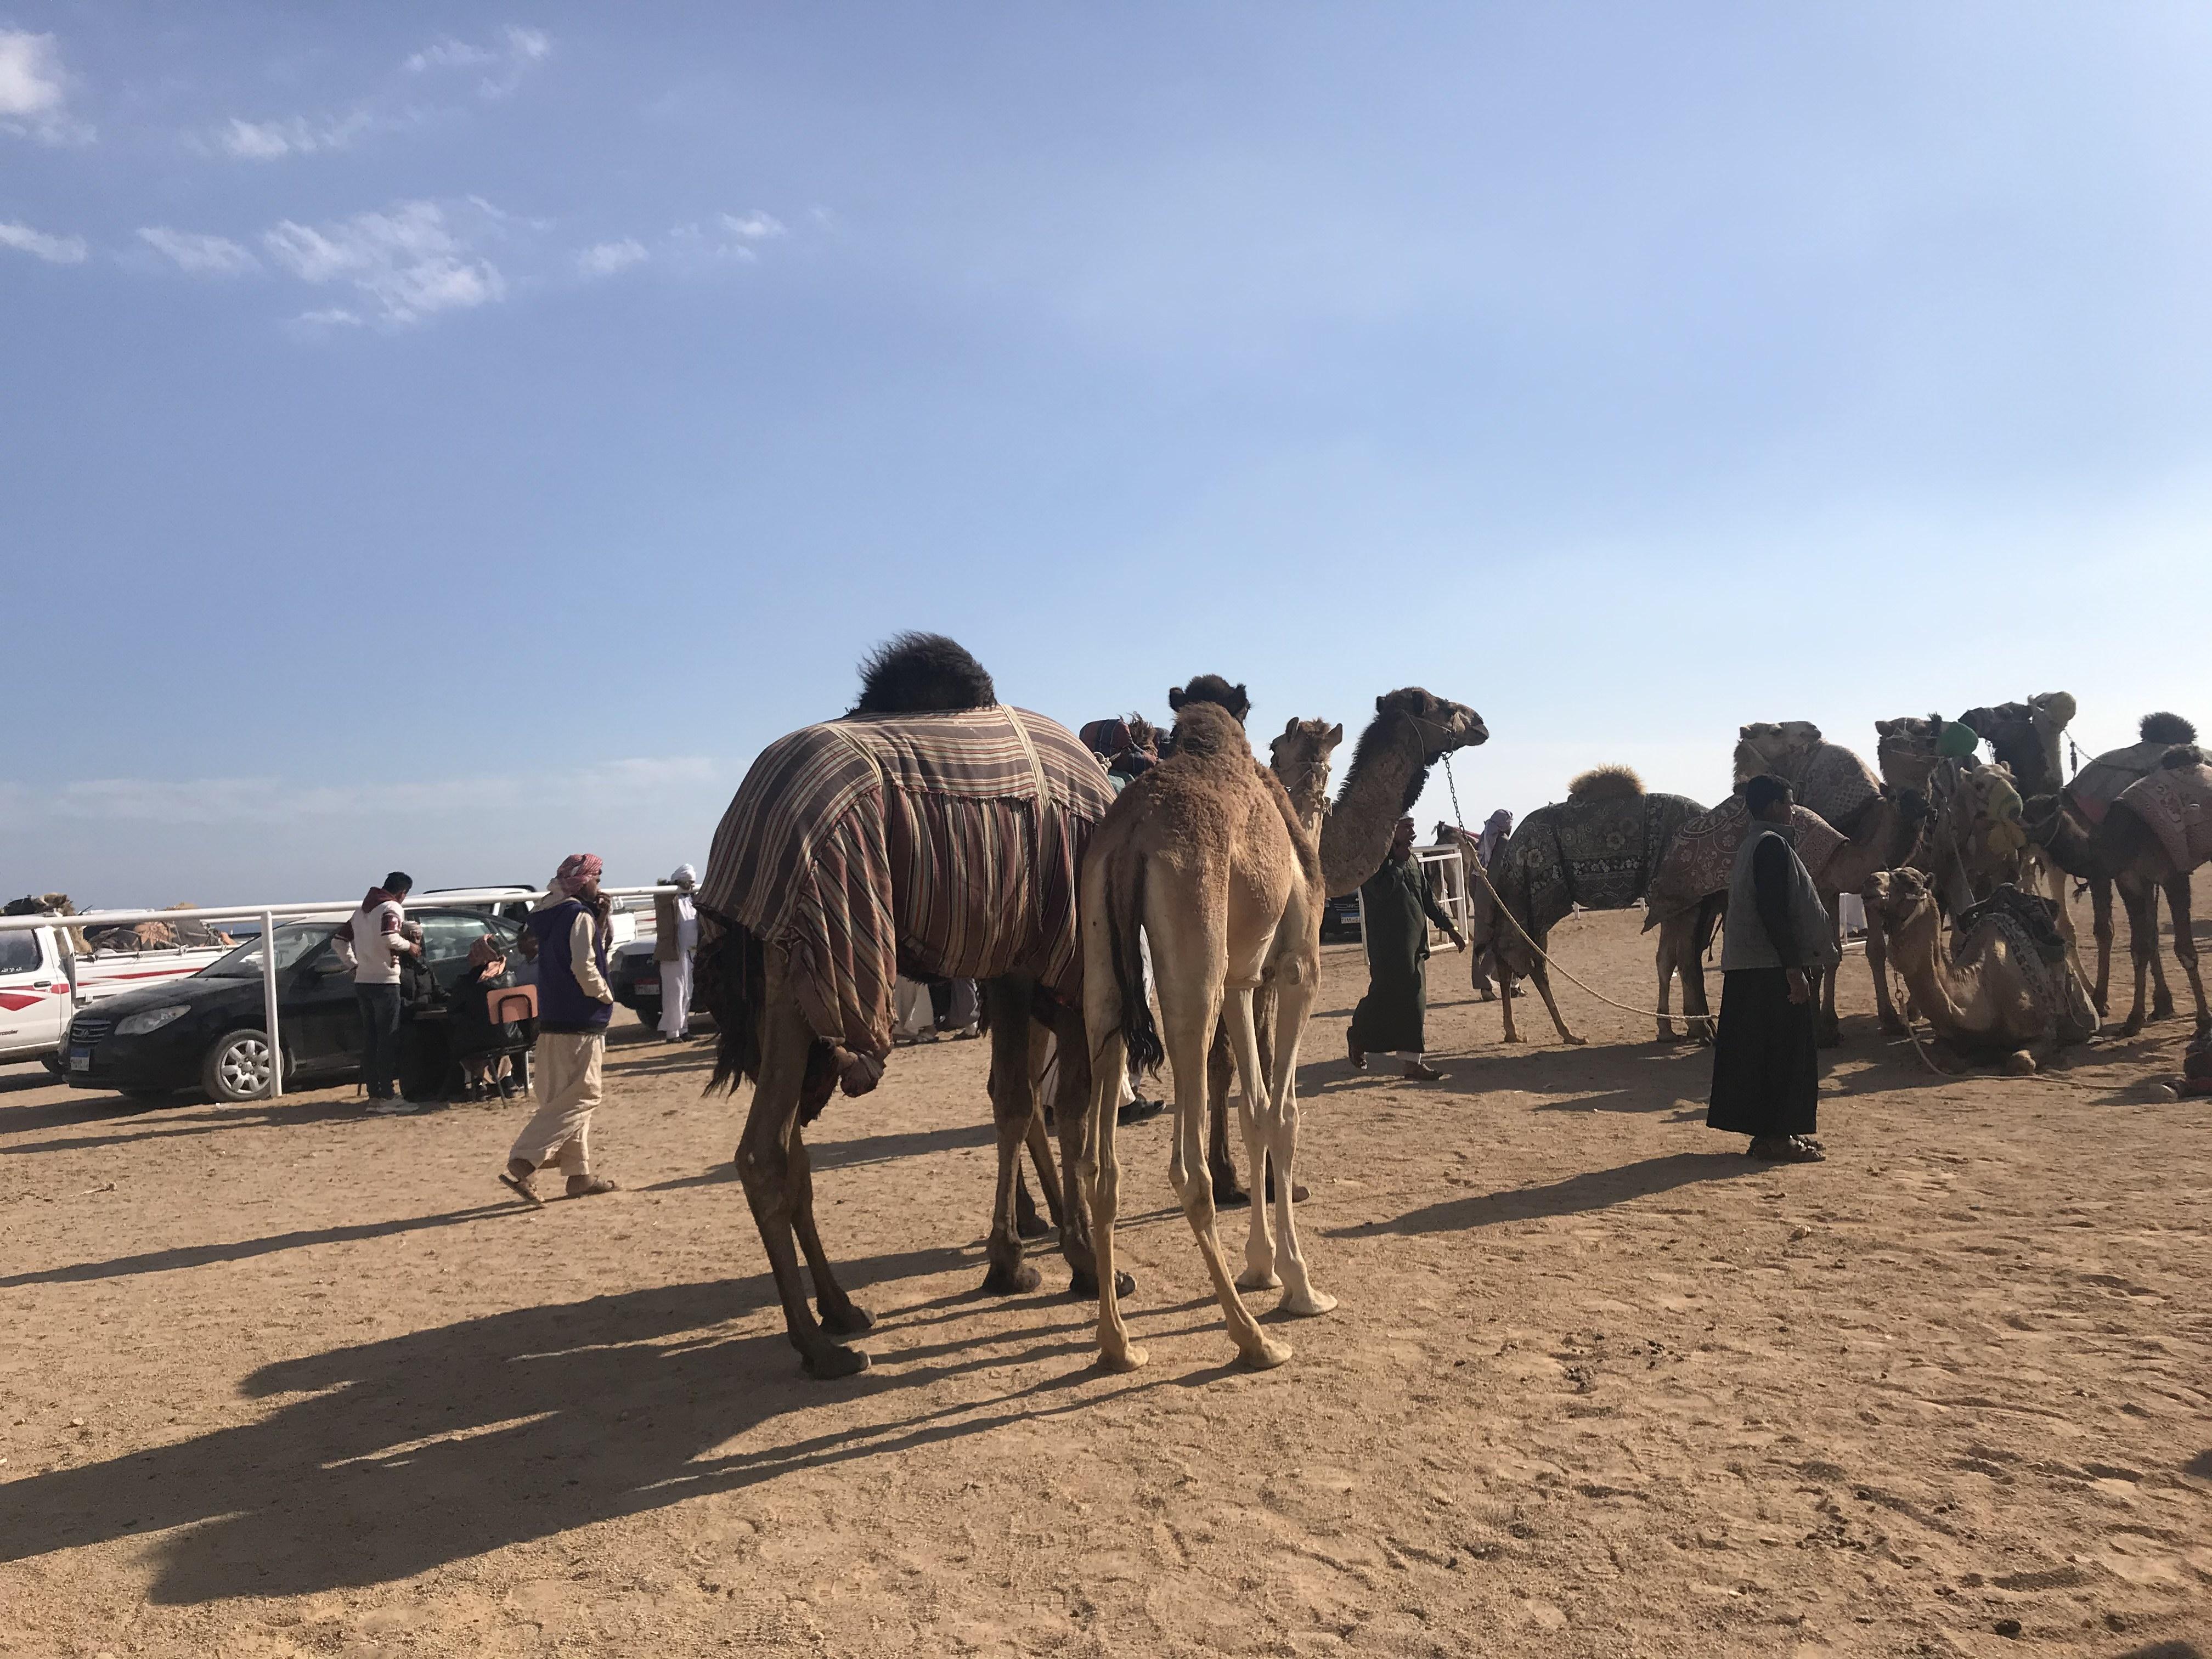 مهرجان الهجن بشرم الشيخ (3)